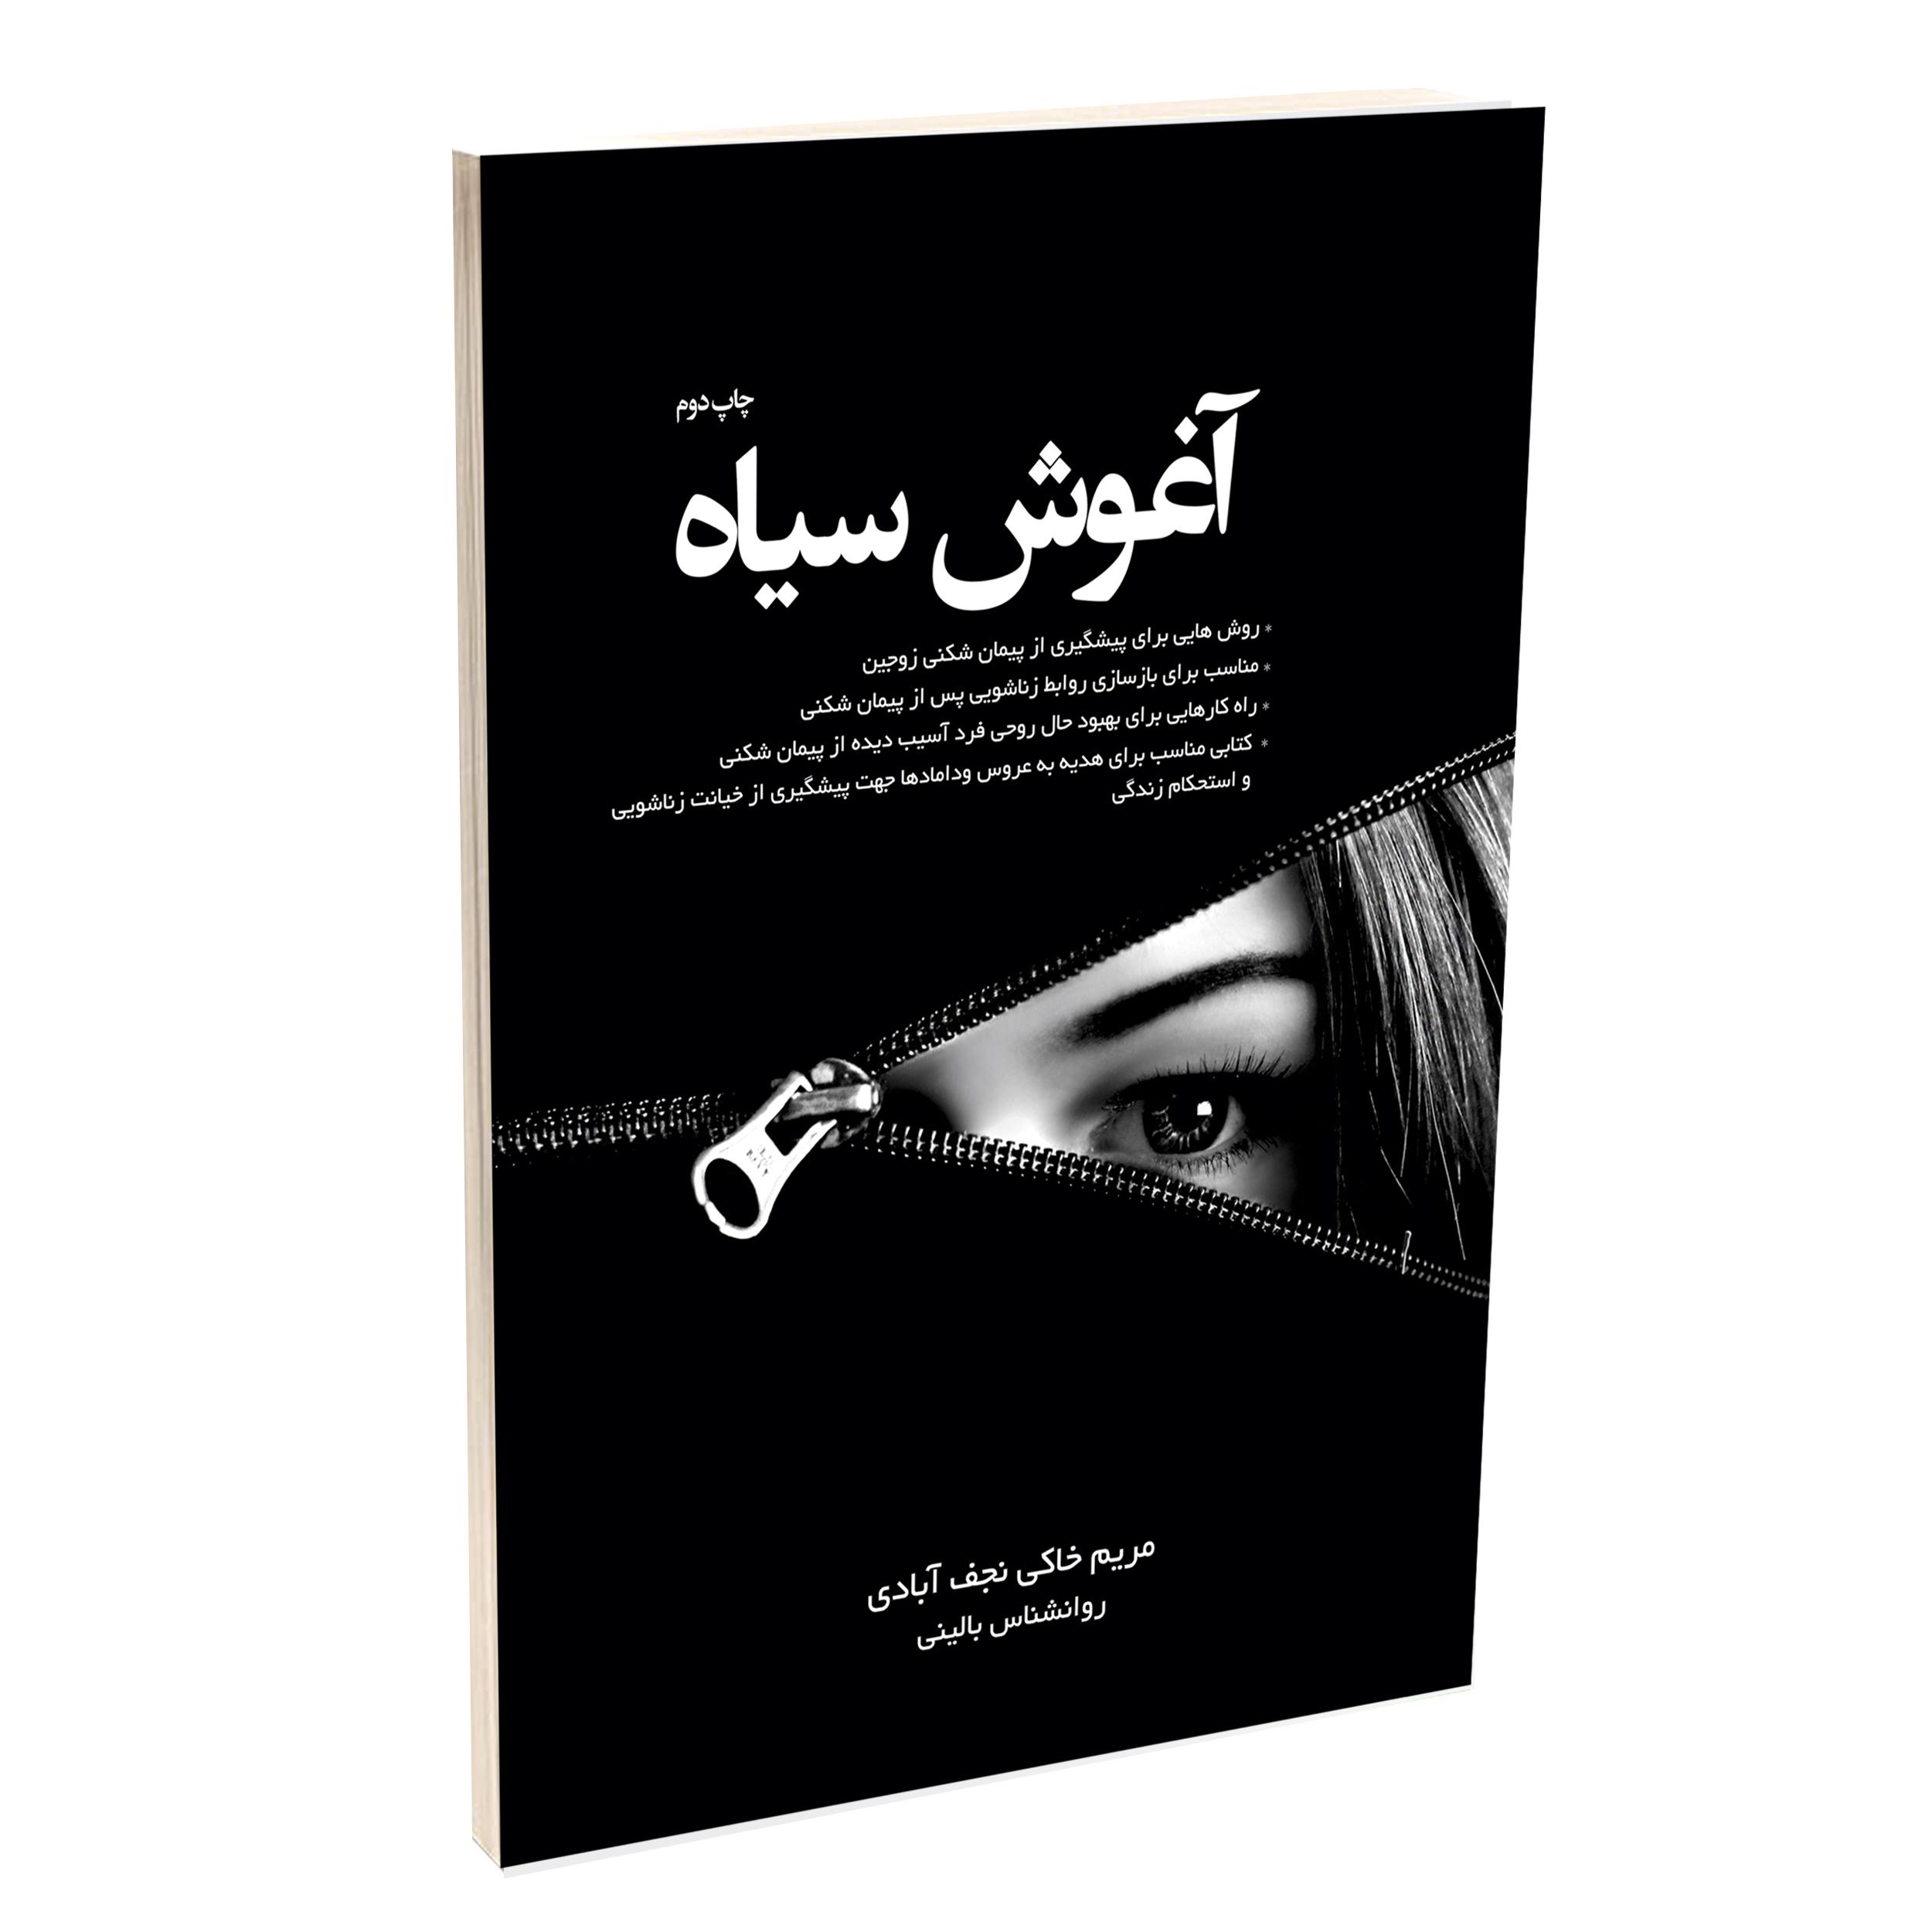 کتاب آغوش سیاه اثر مریم خاکی نجف آبادی انتشارات مهر زهرا(س)